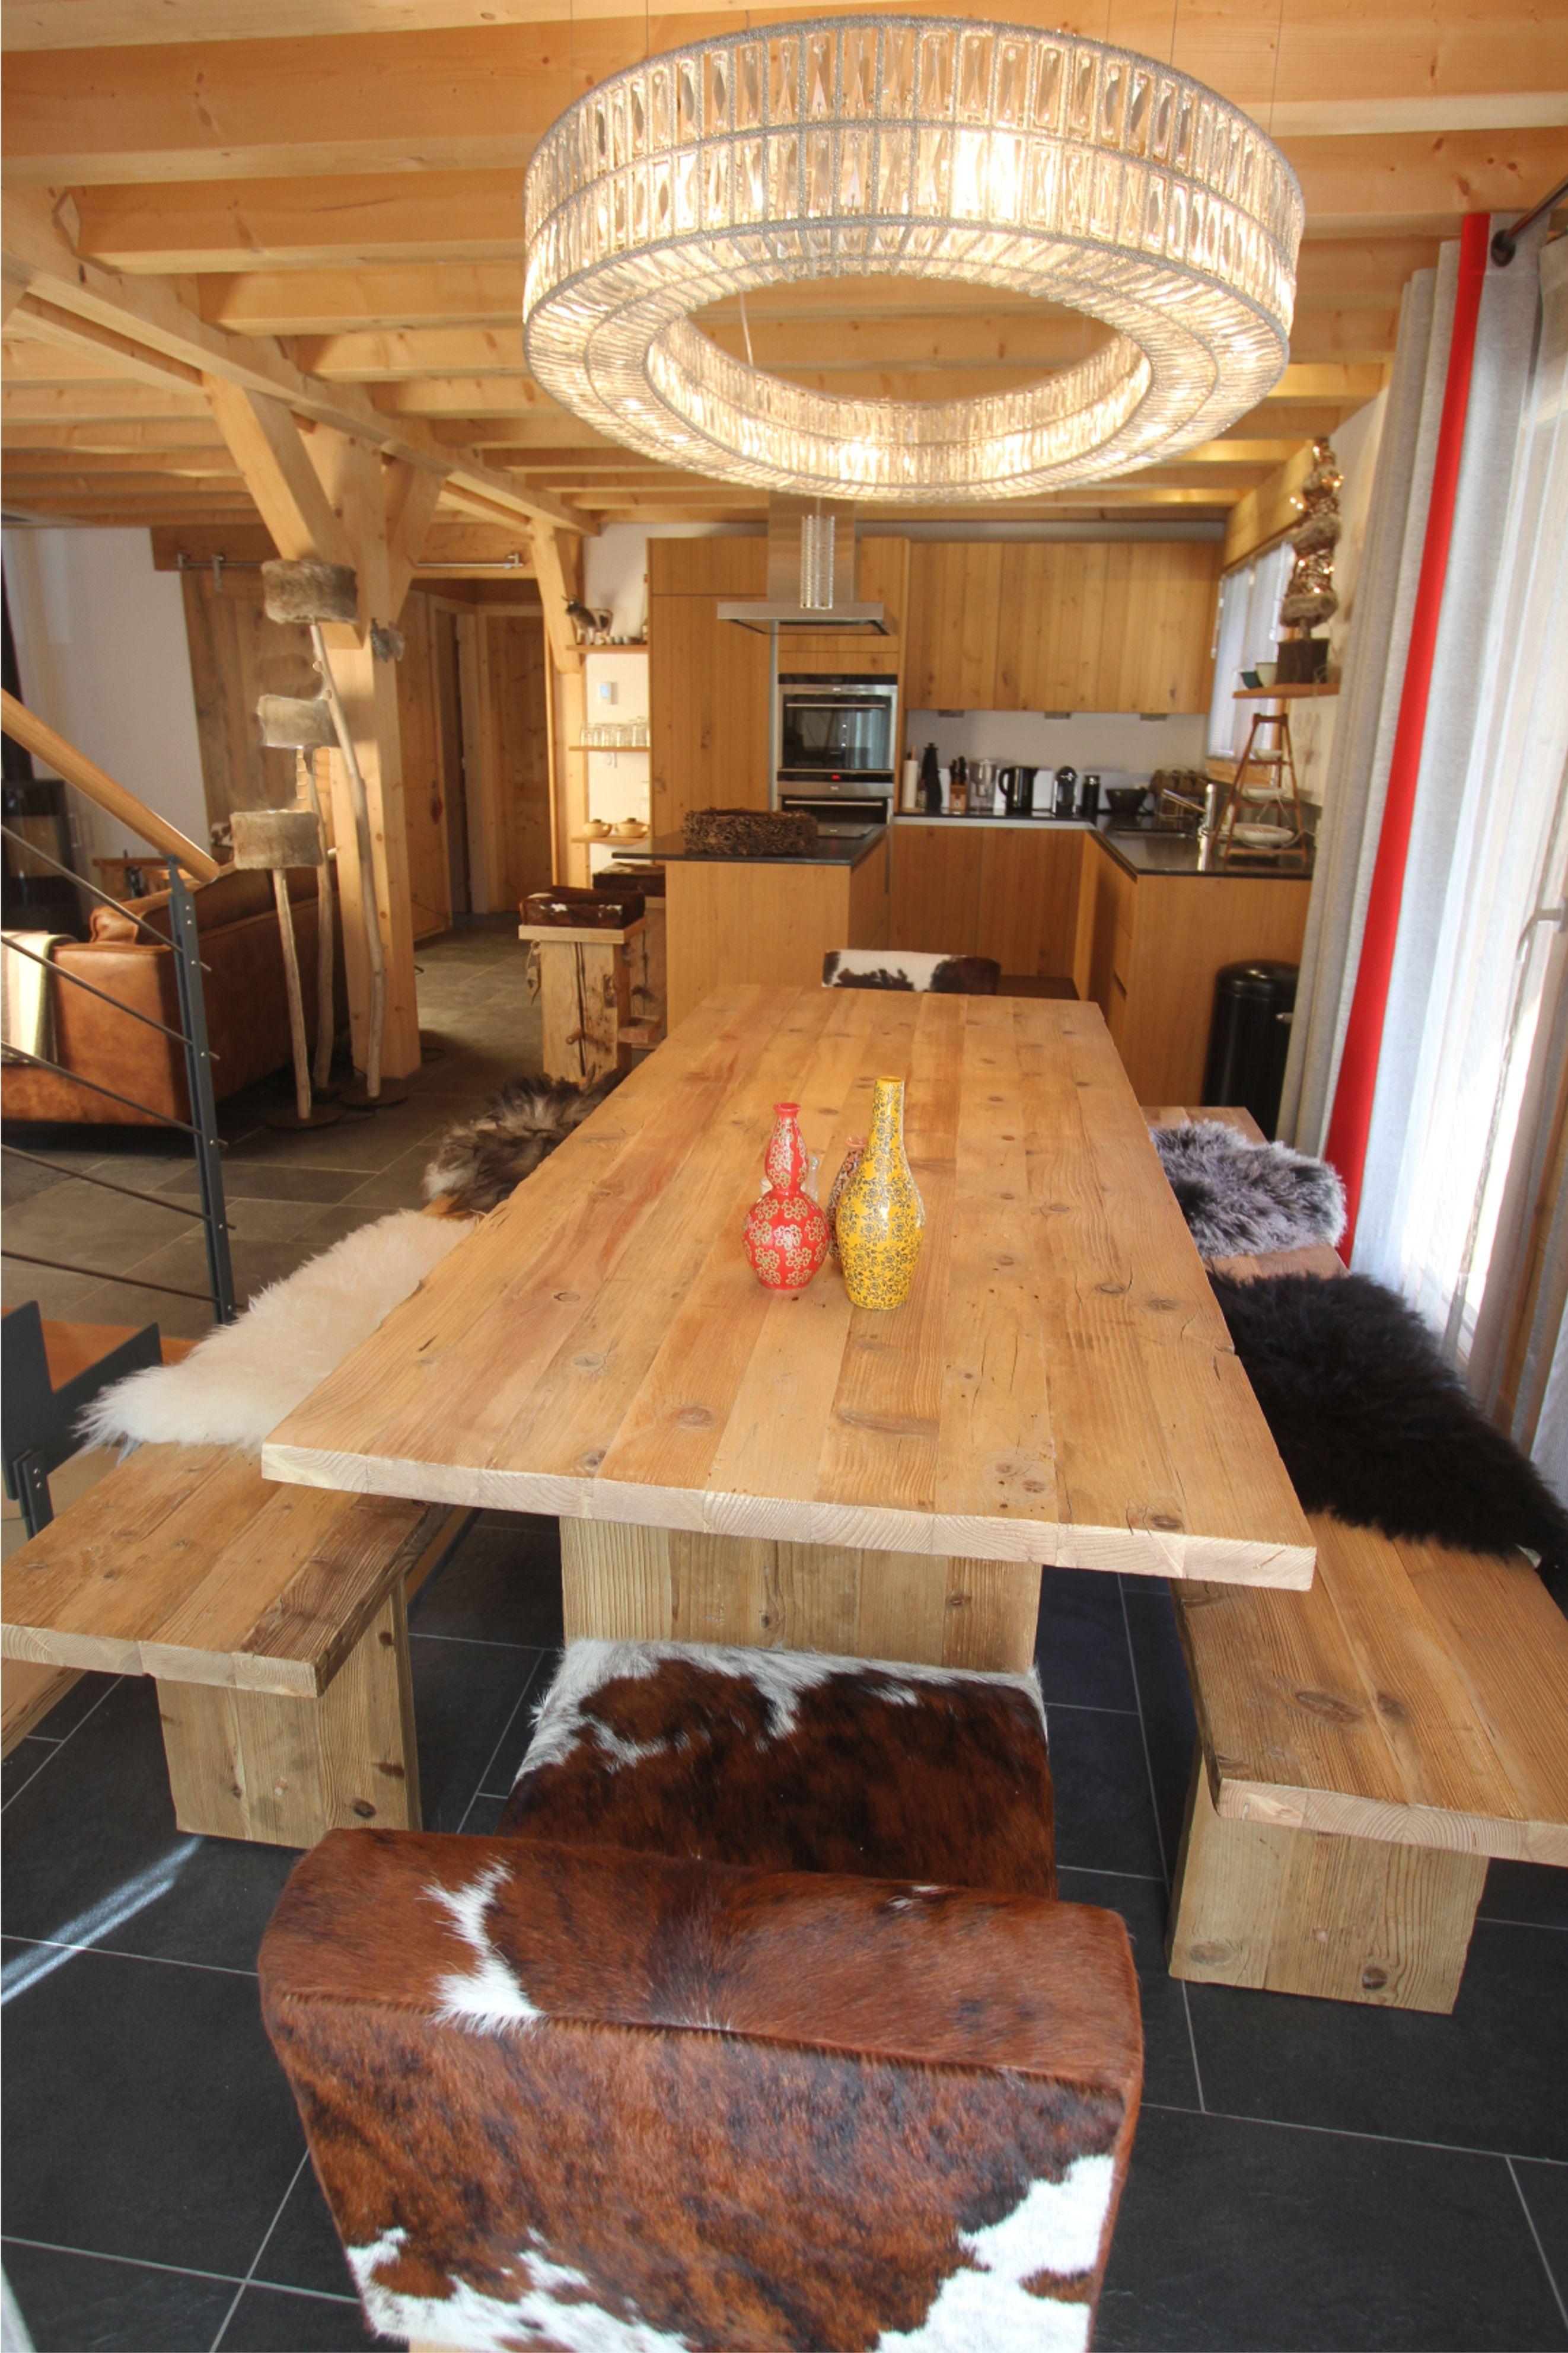 Table Et Banc En Vieux Bois Fabrique Dans Notre Atelier A Montriond En Haute Savoie Fabricationartisanale F Table Salle A Manger Salle A Manger Deco Montagne